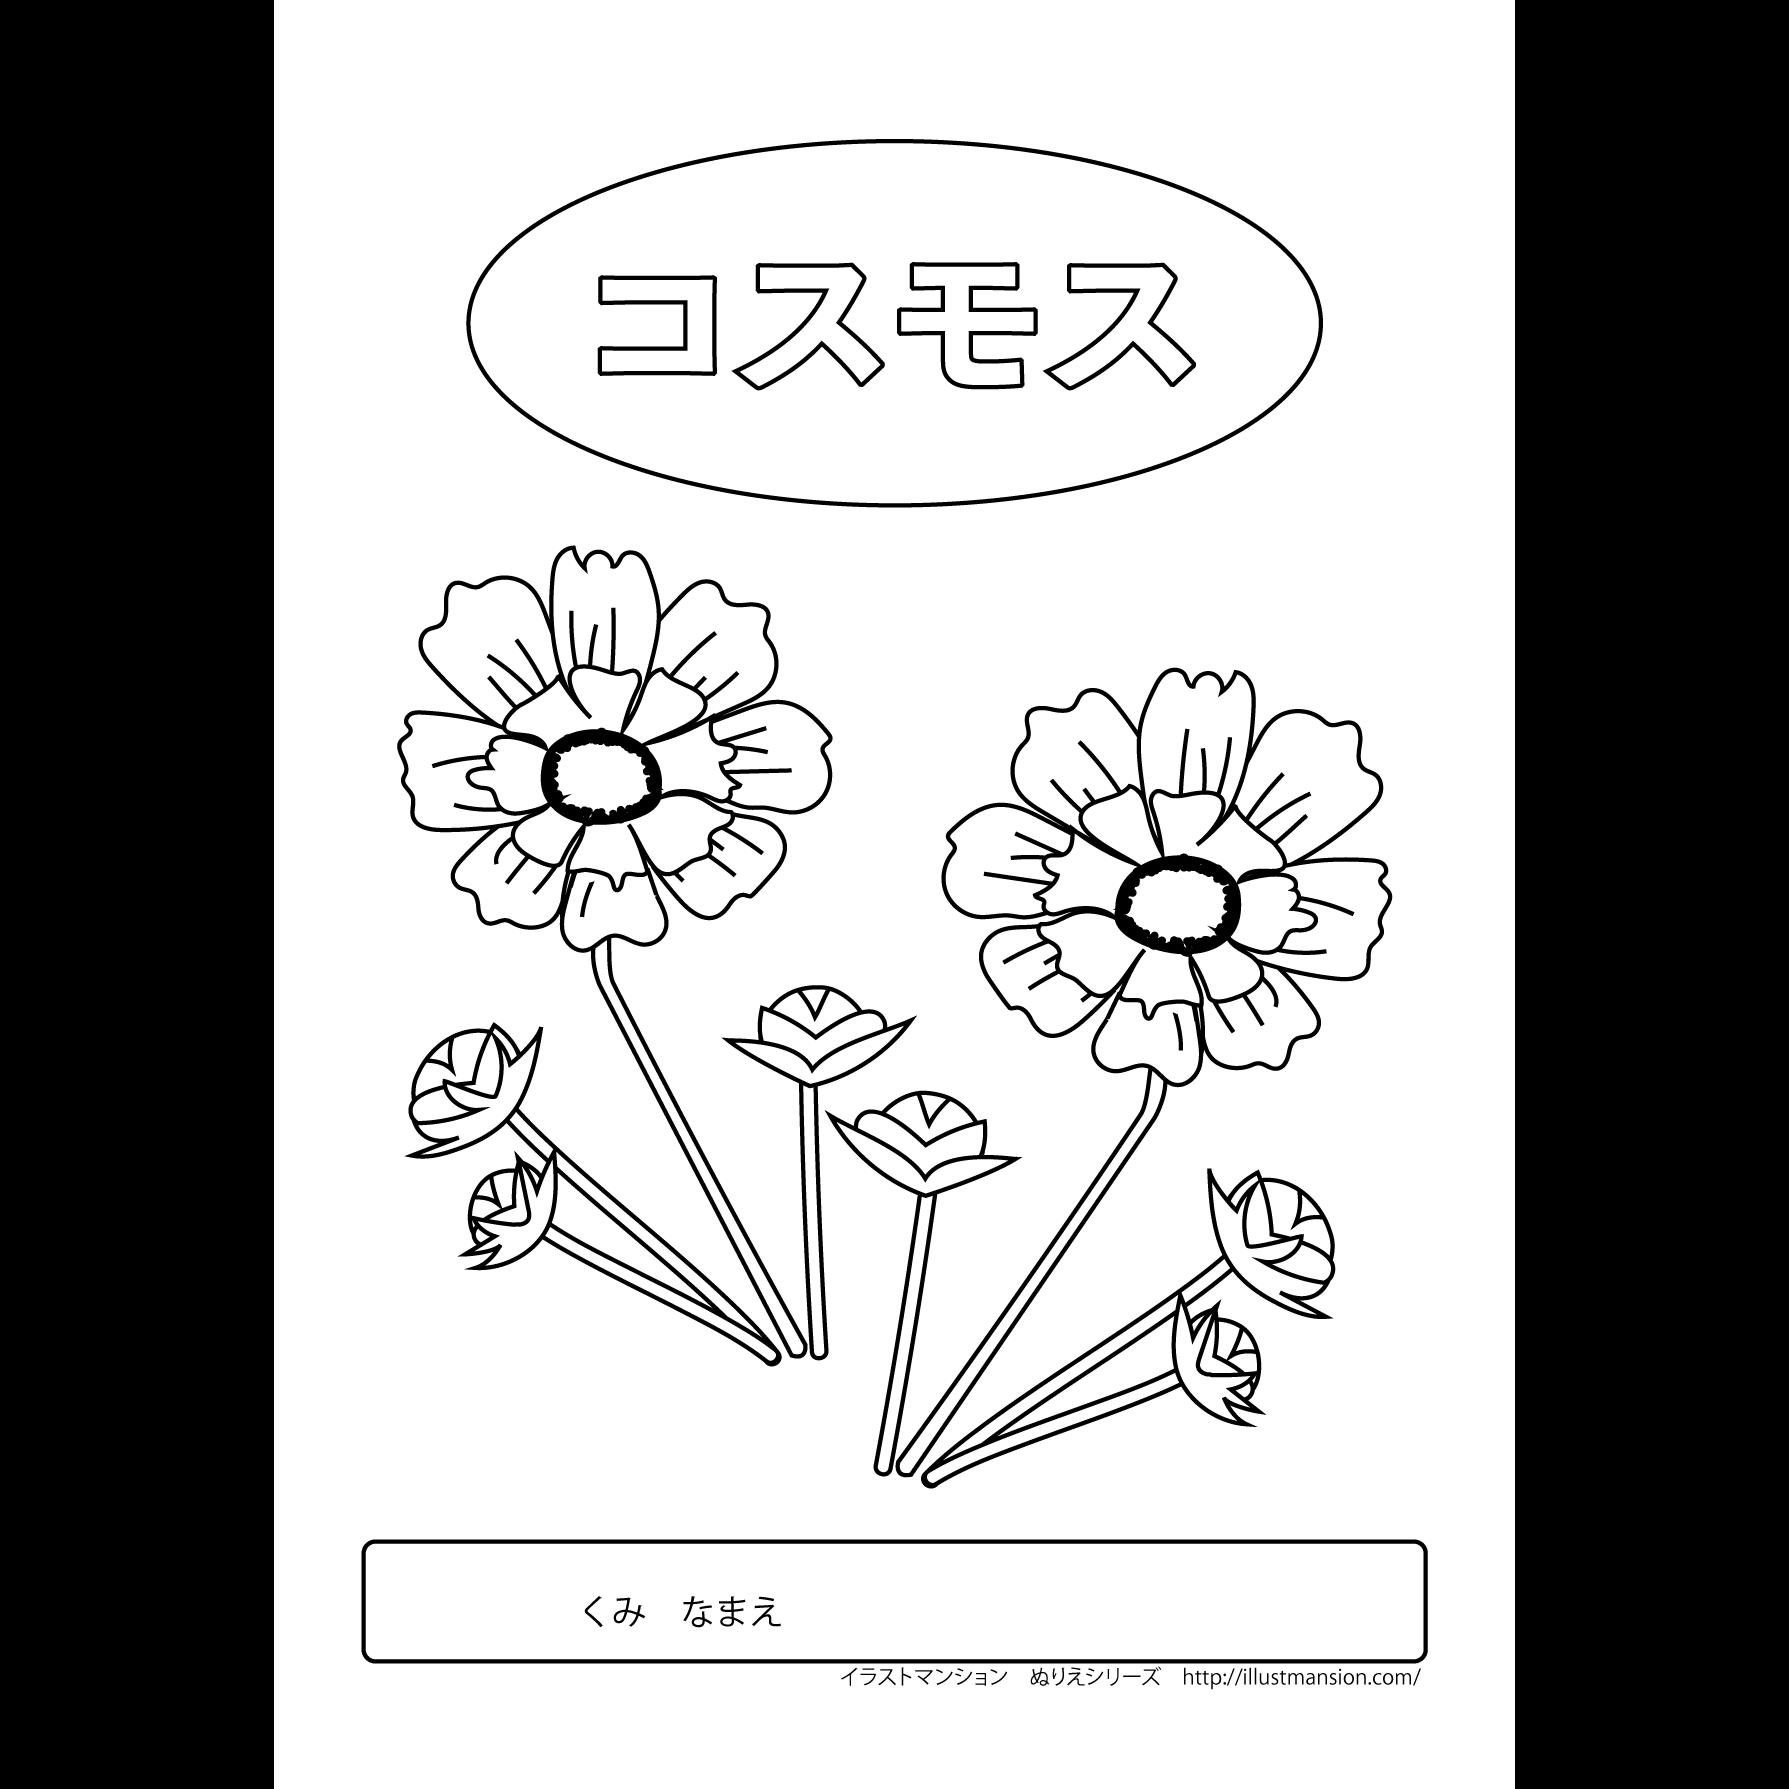 コスモスの 花 のかわいい塗り絵ぬりえイラスト 商用フリー無料